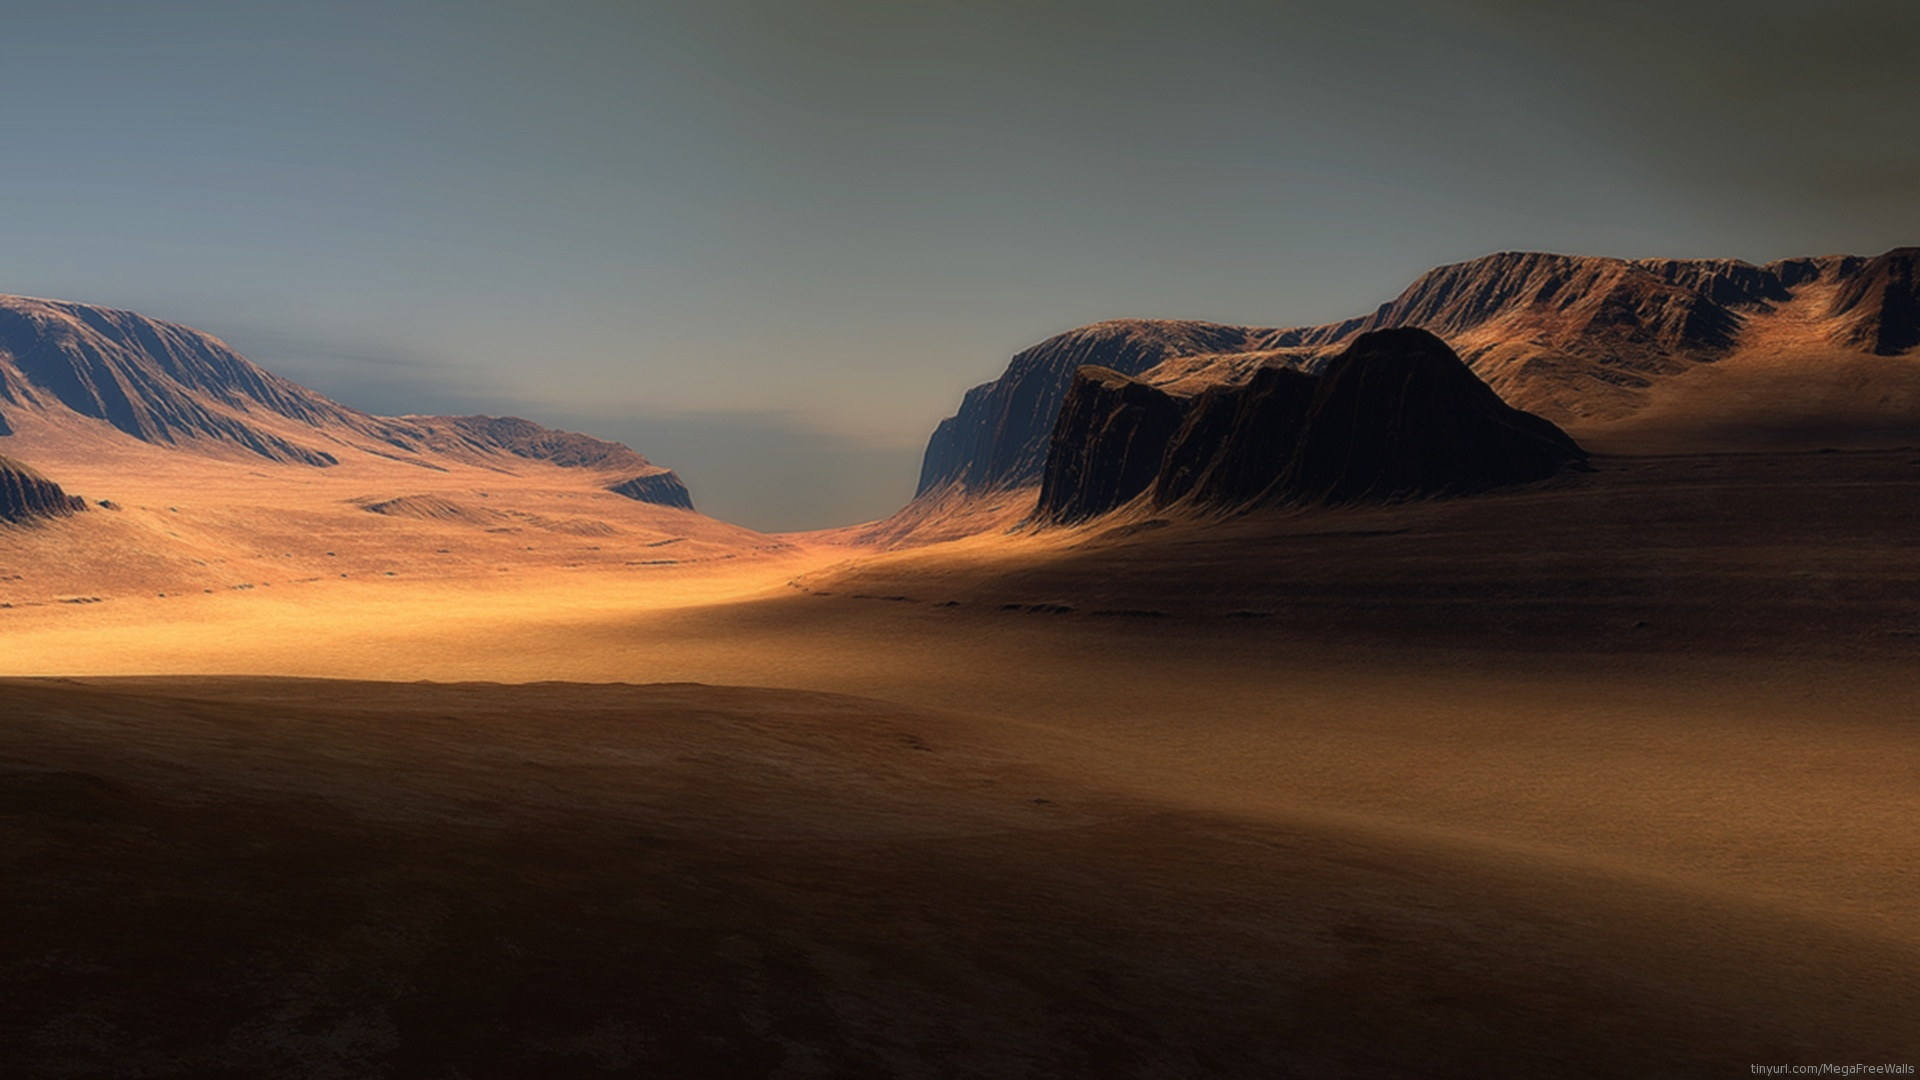 Desert Full HD Wallpaper And Background